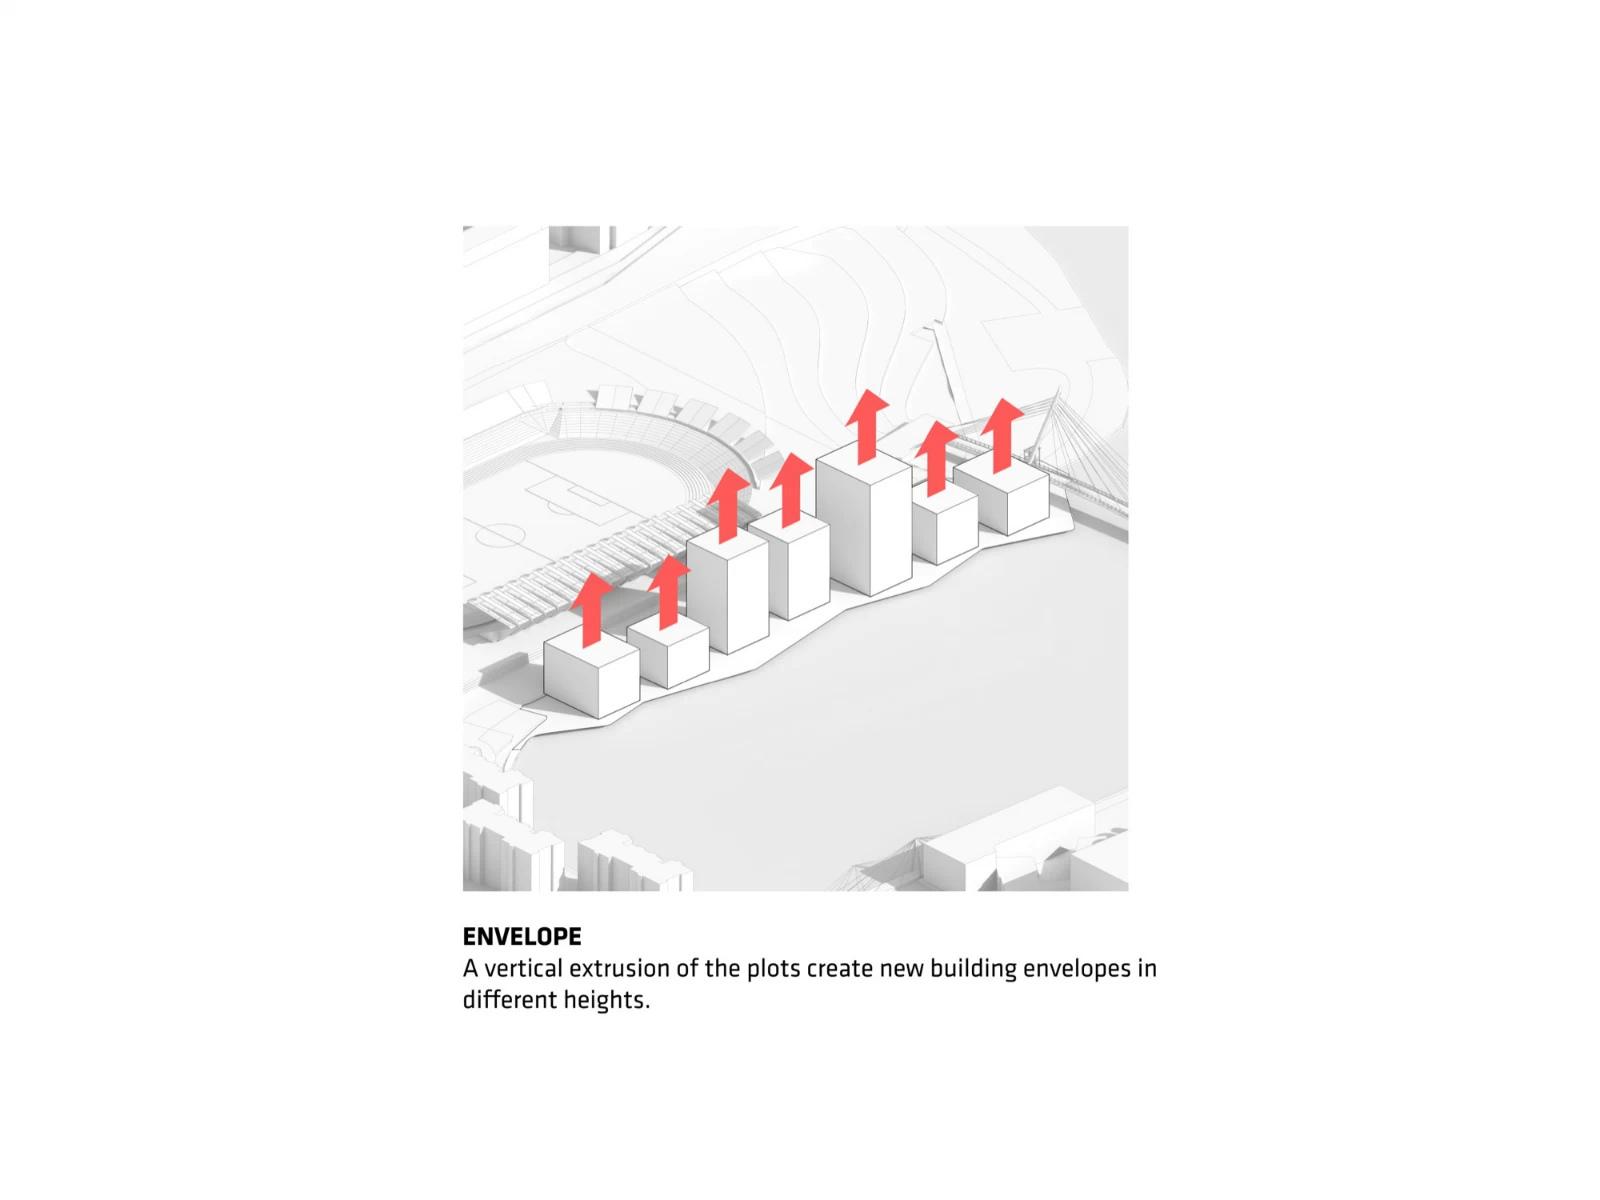 住宅设计—从概念到设计 (18)